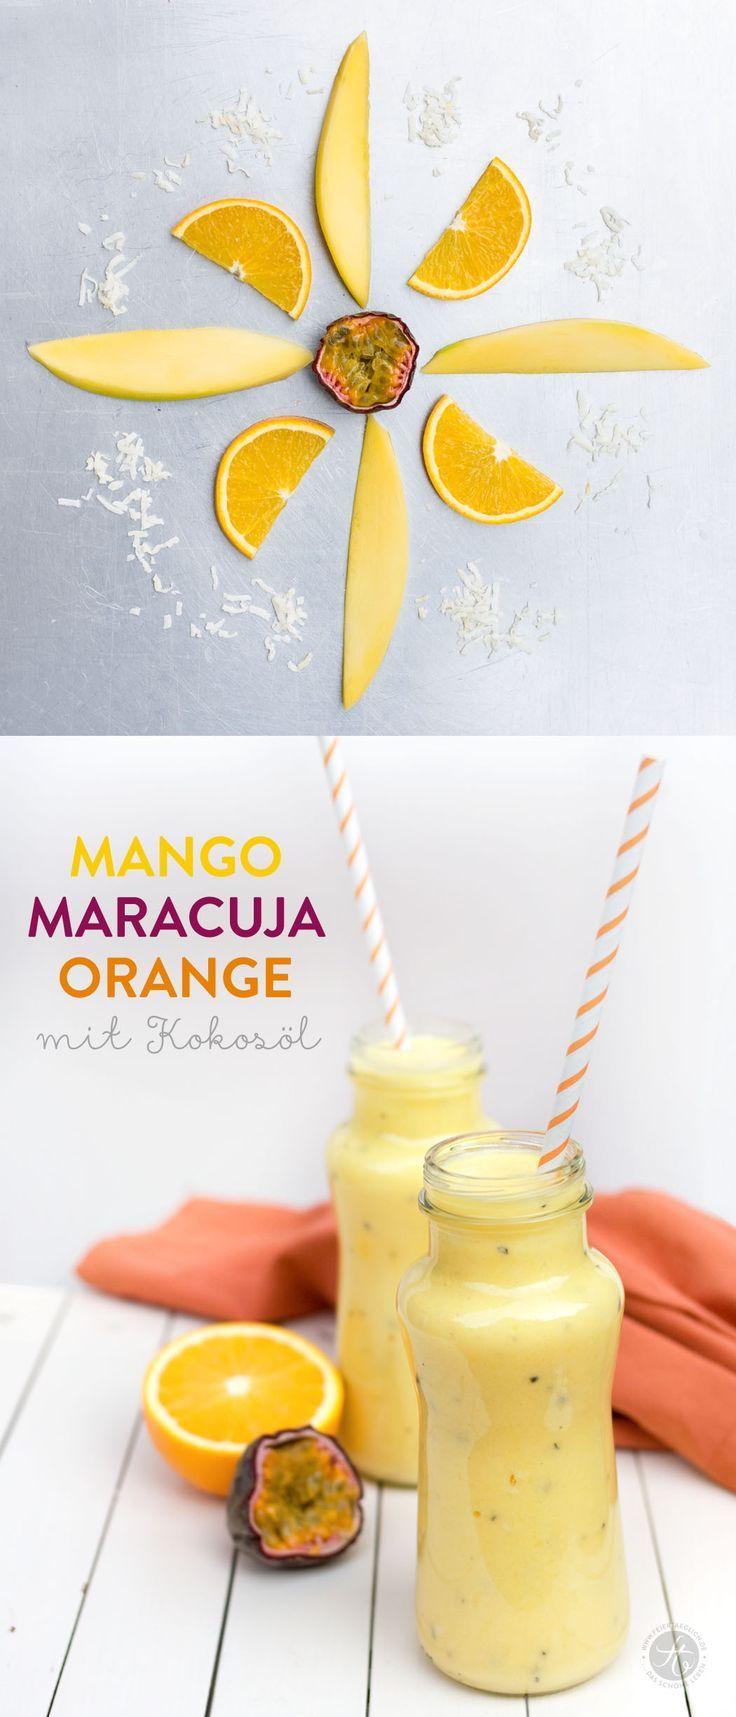 #SmoothieMontag Mango-Maracuja-Orange Smoothie mit Kokosöl